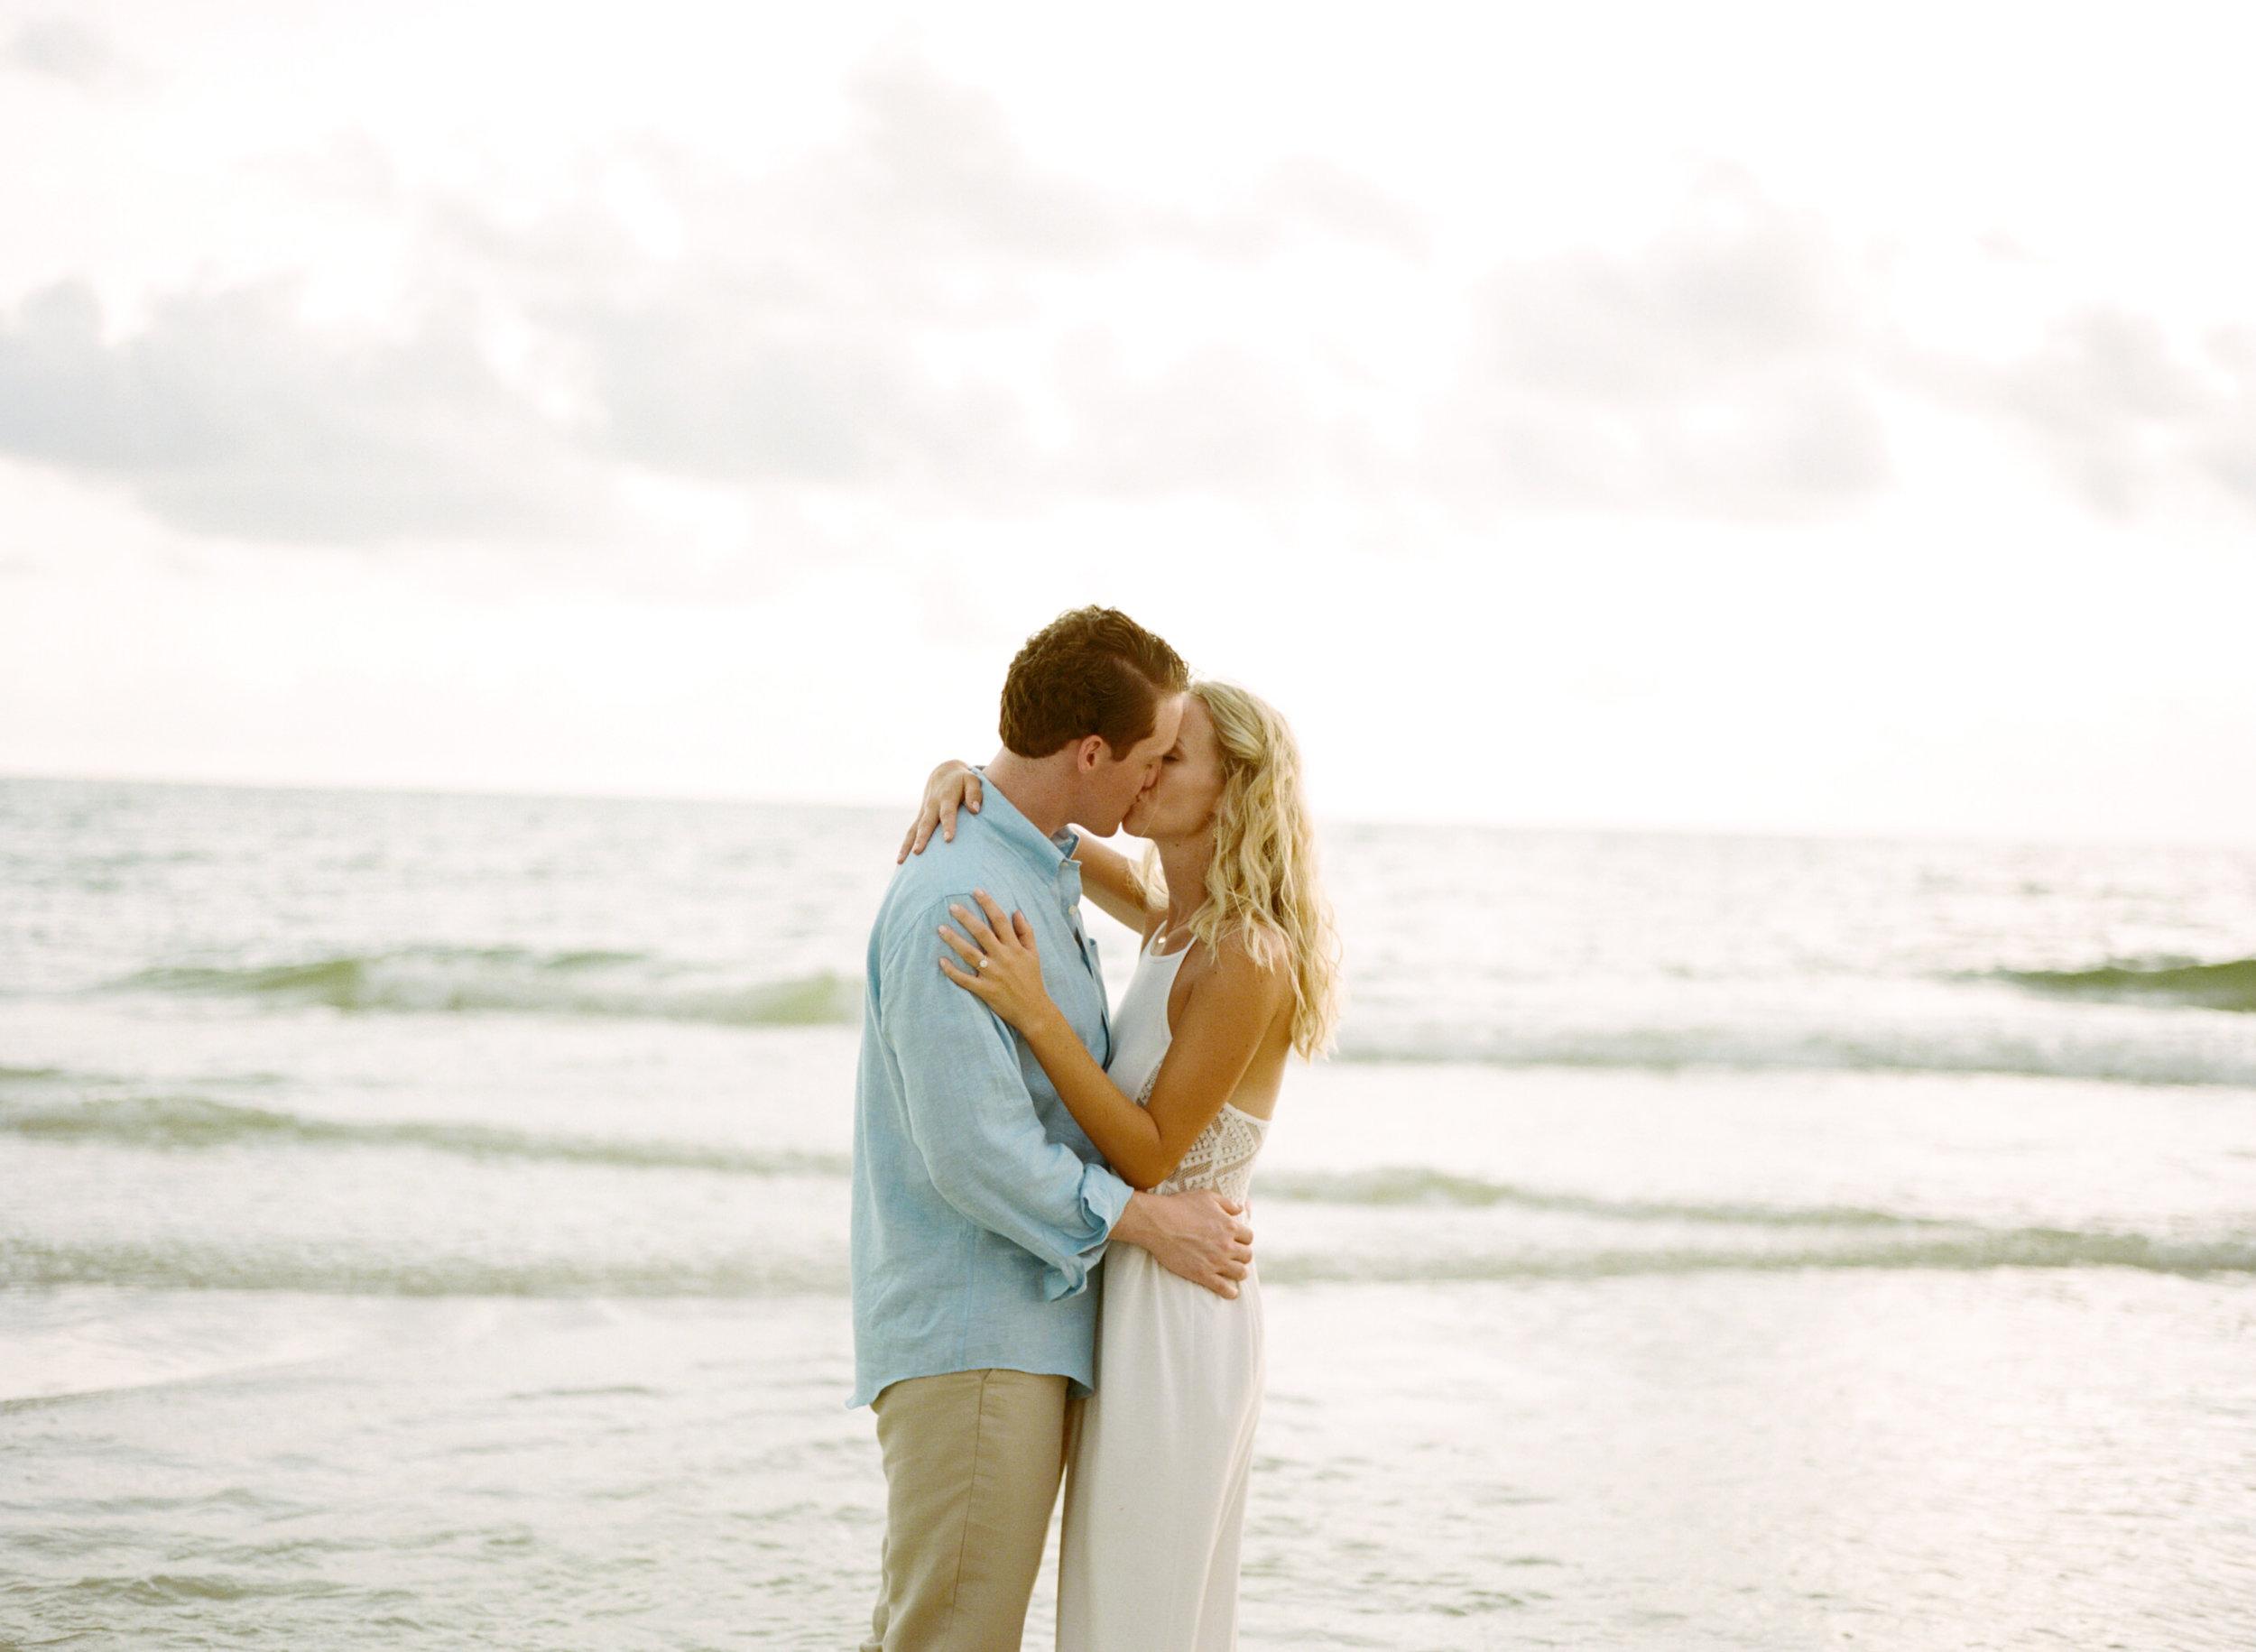 Washington DC Wedding Photographer   Longboat Key, Florida   Engagement Session